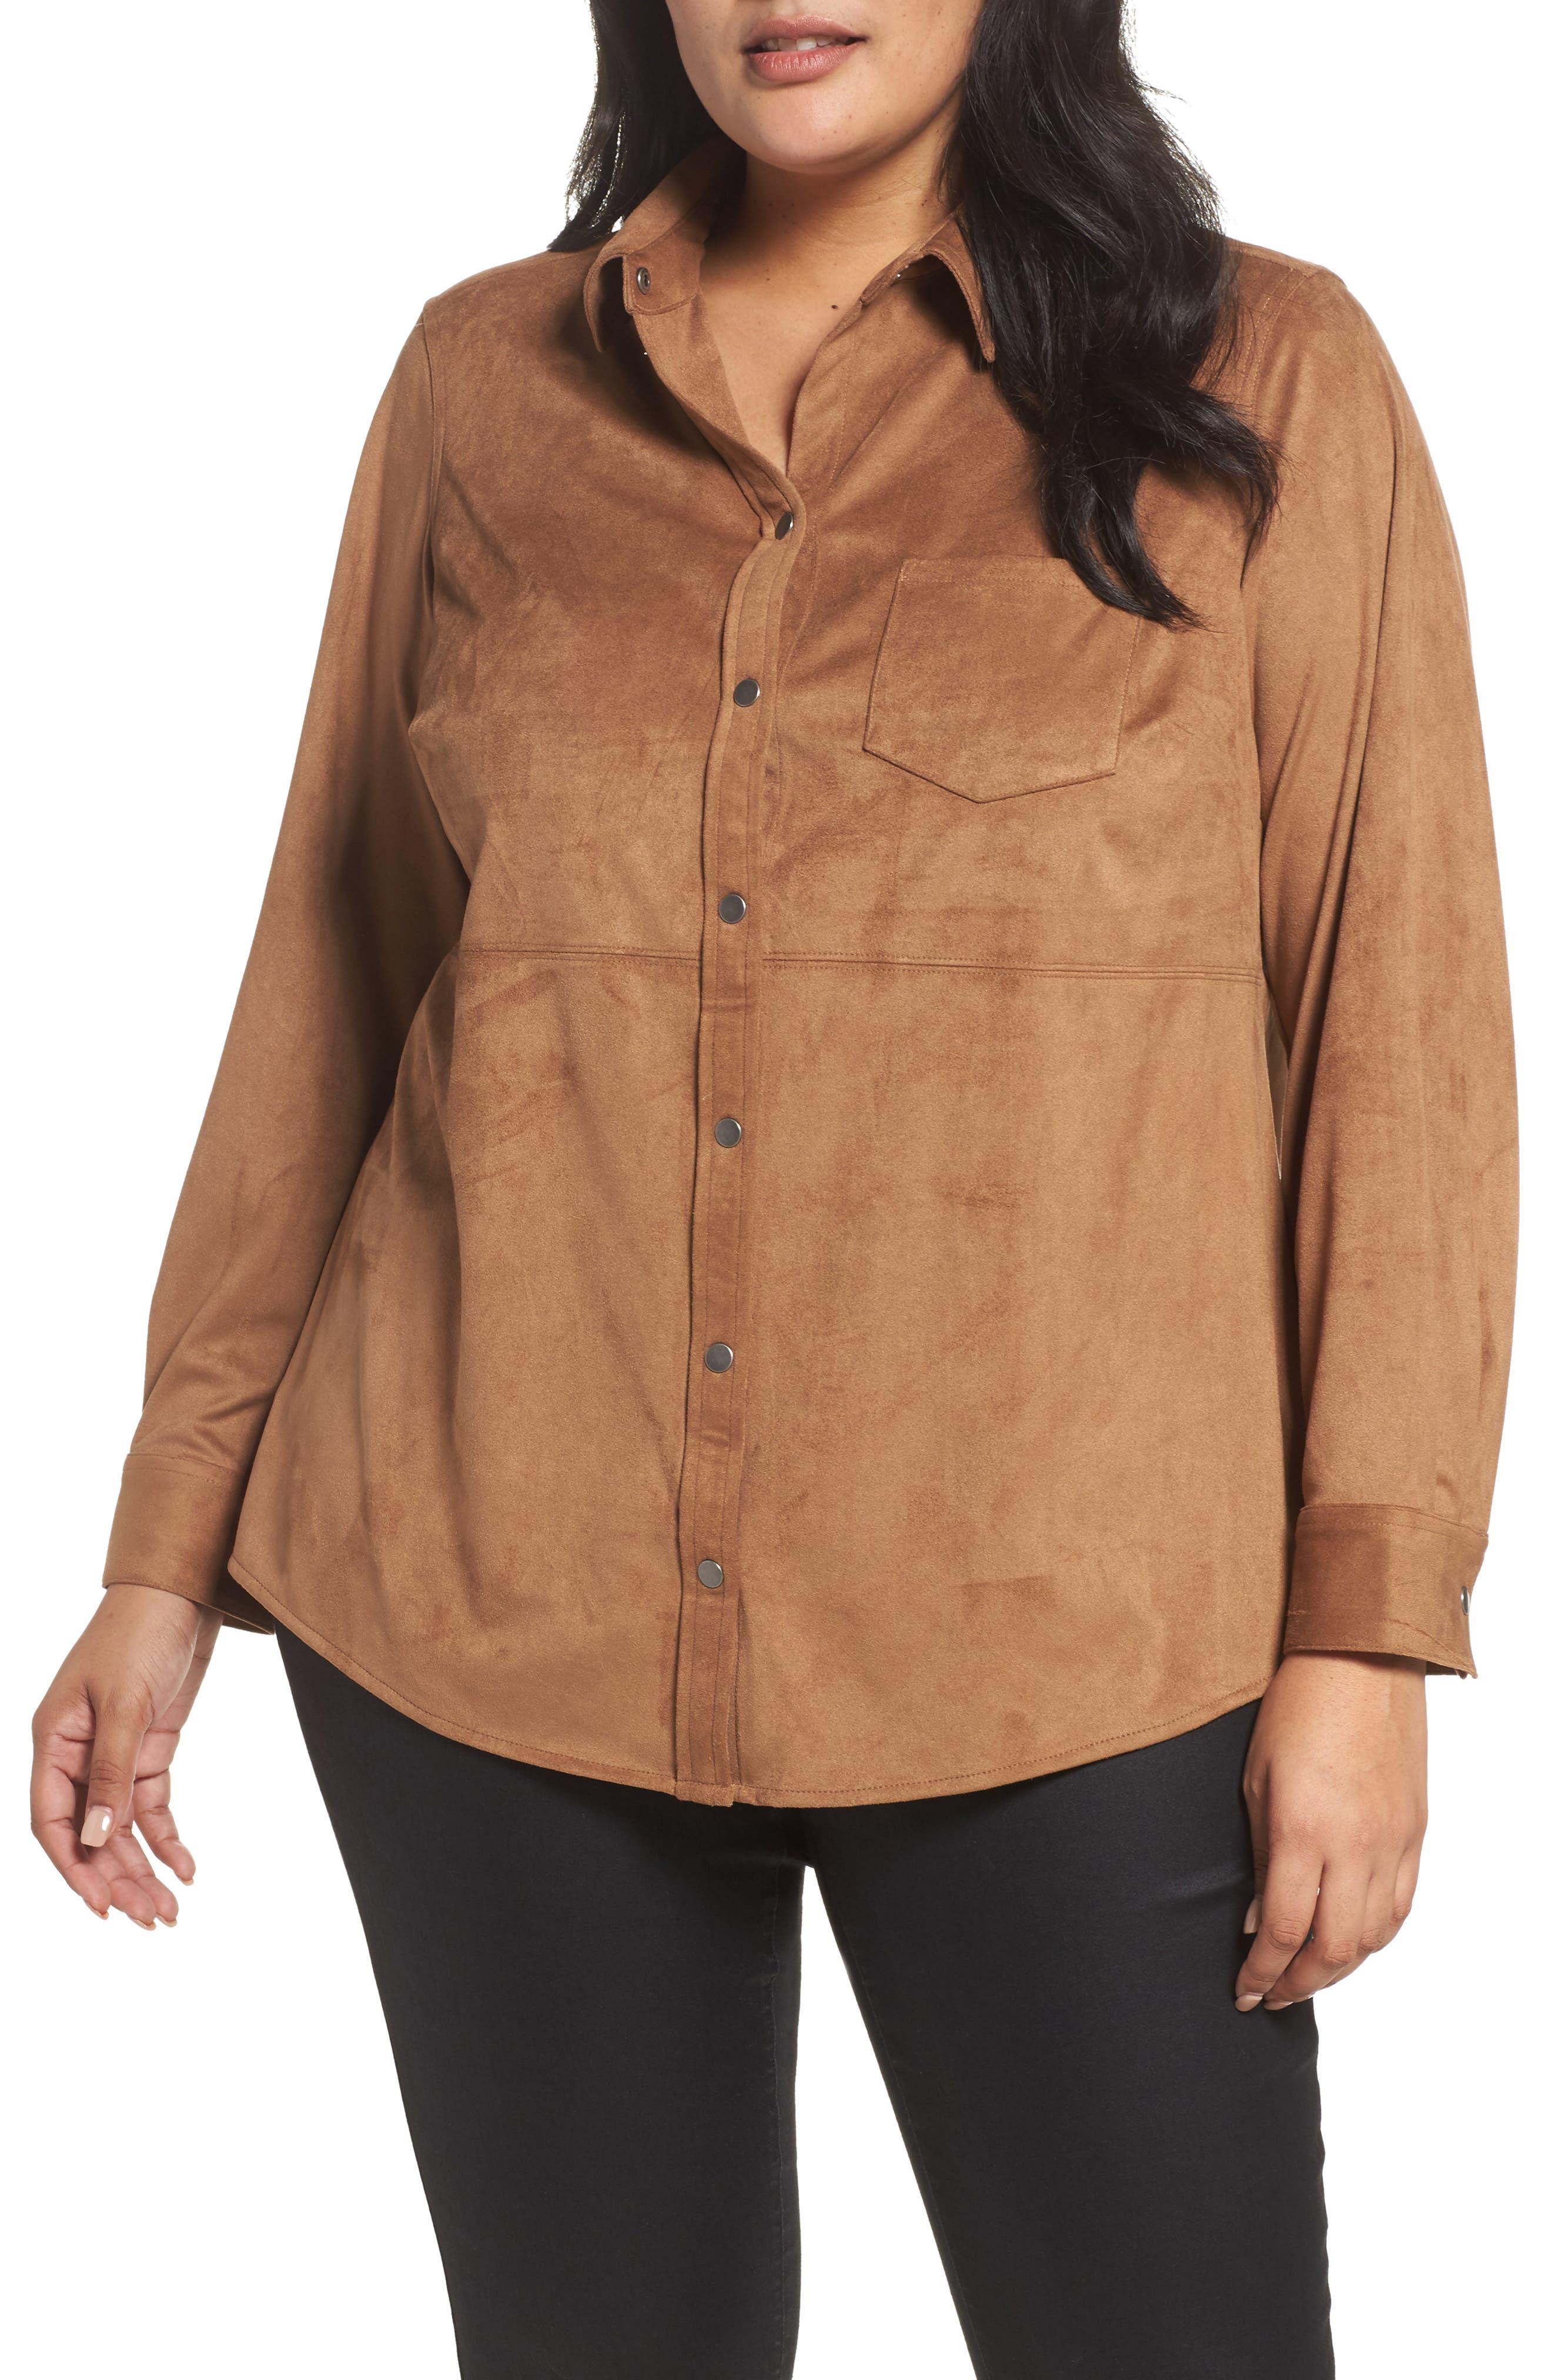 Jena Faux Suede Shirt,                             Main thumbnail 1, color,                             CAMEL